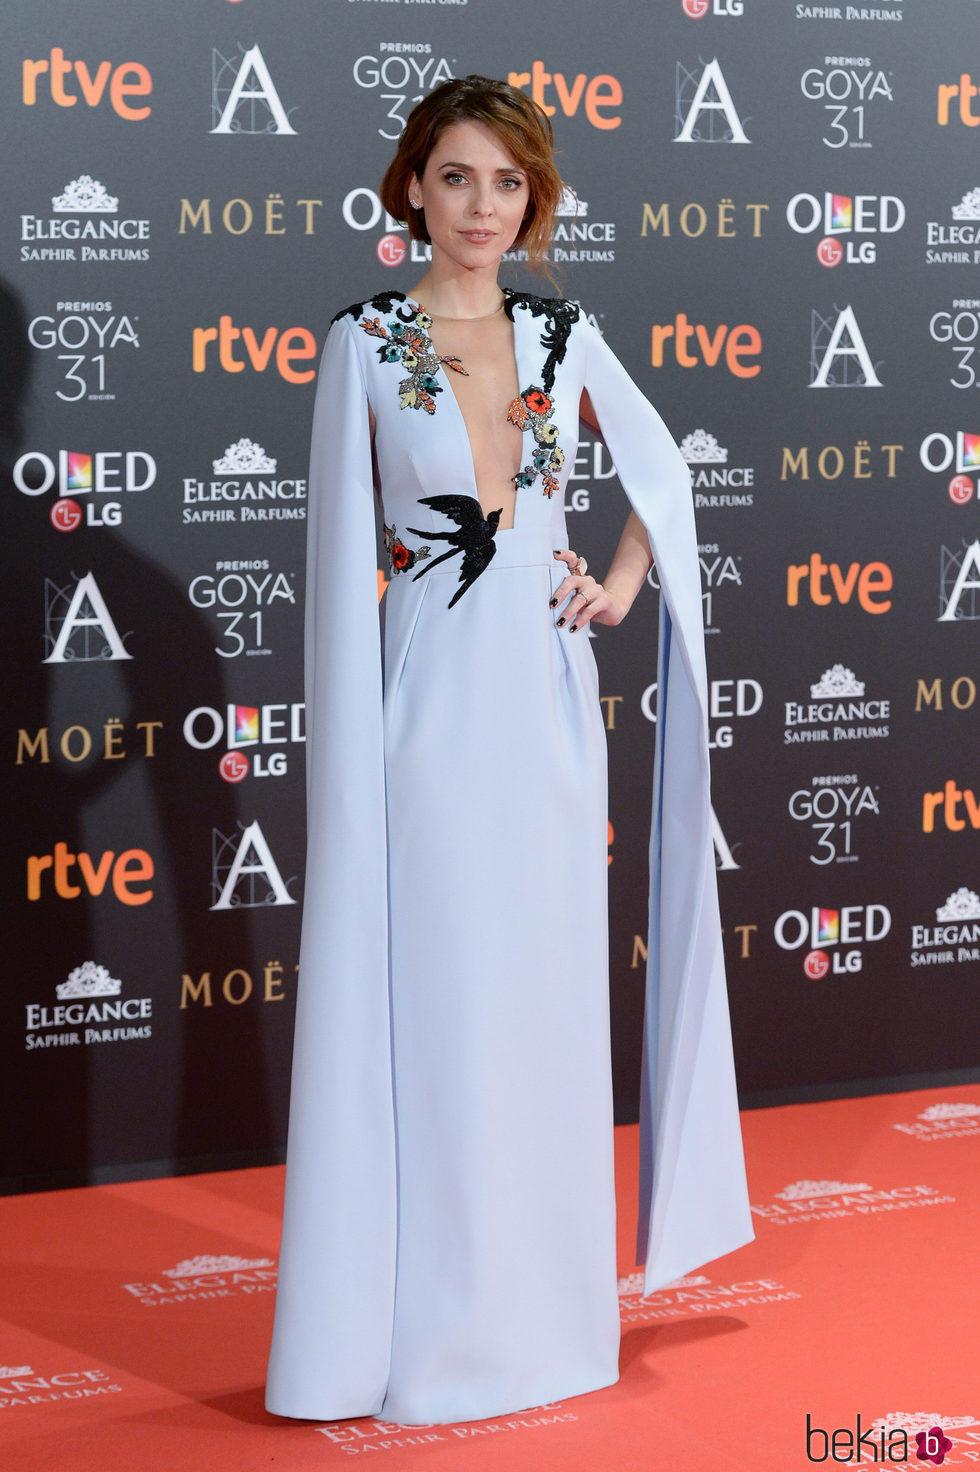 Leticia Dolera en la alfombra roja de los Premios Goya 2017